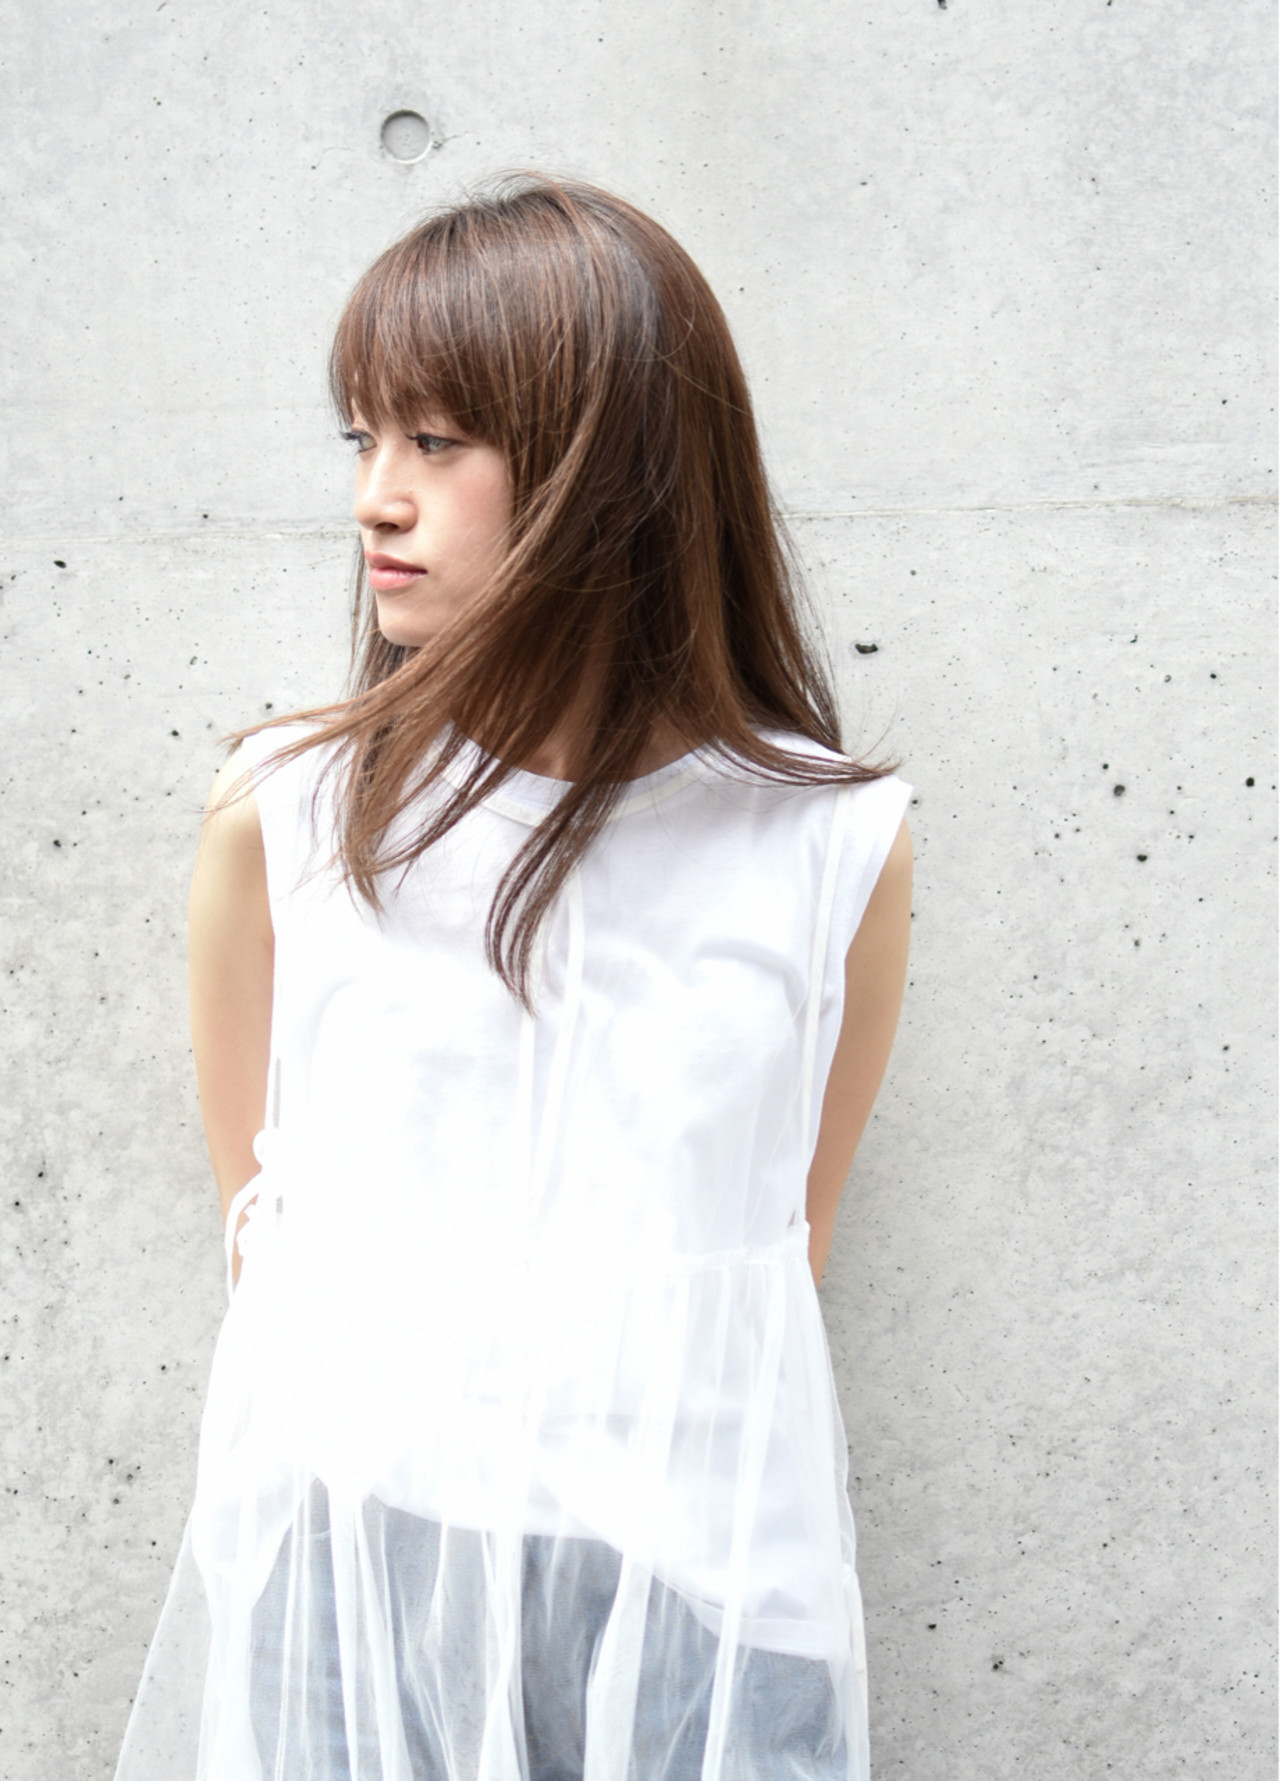 面長ロングさん向けヘアスタイル10選!自分に似合う髪形を知ろう。 田村 恵介 / PLACE IN THE SUN